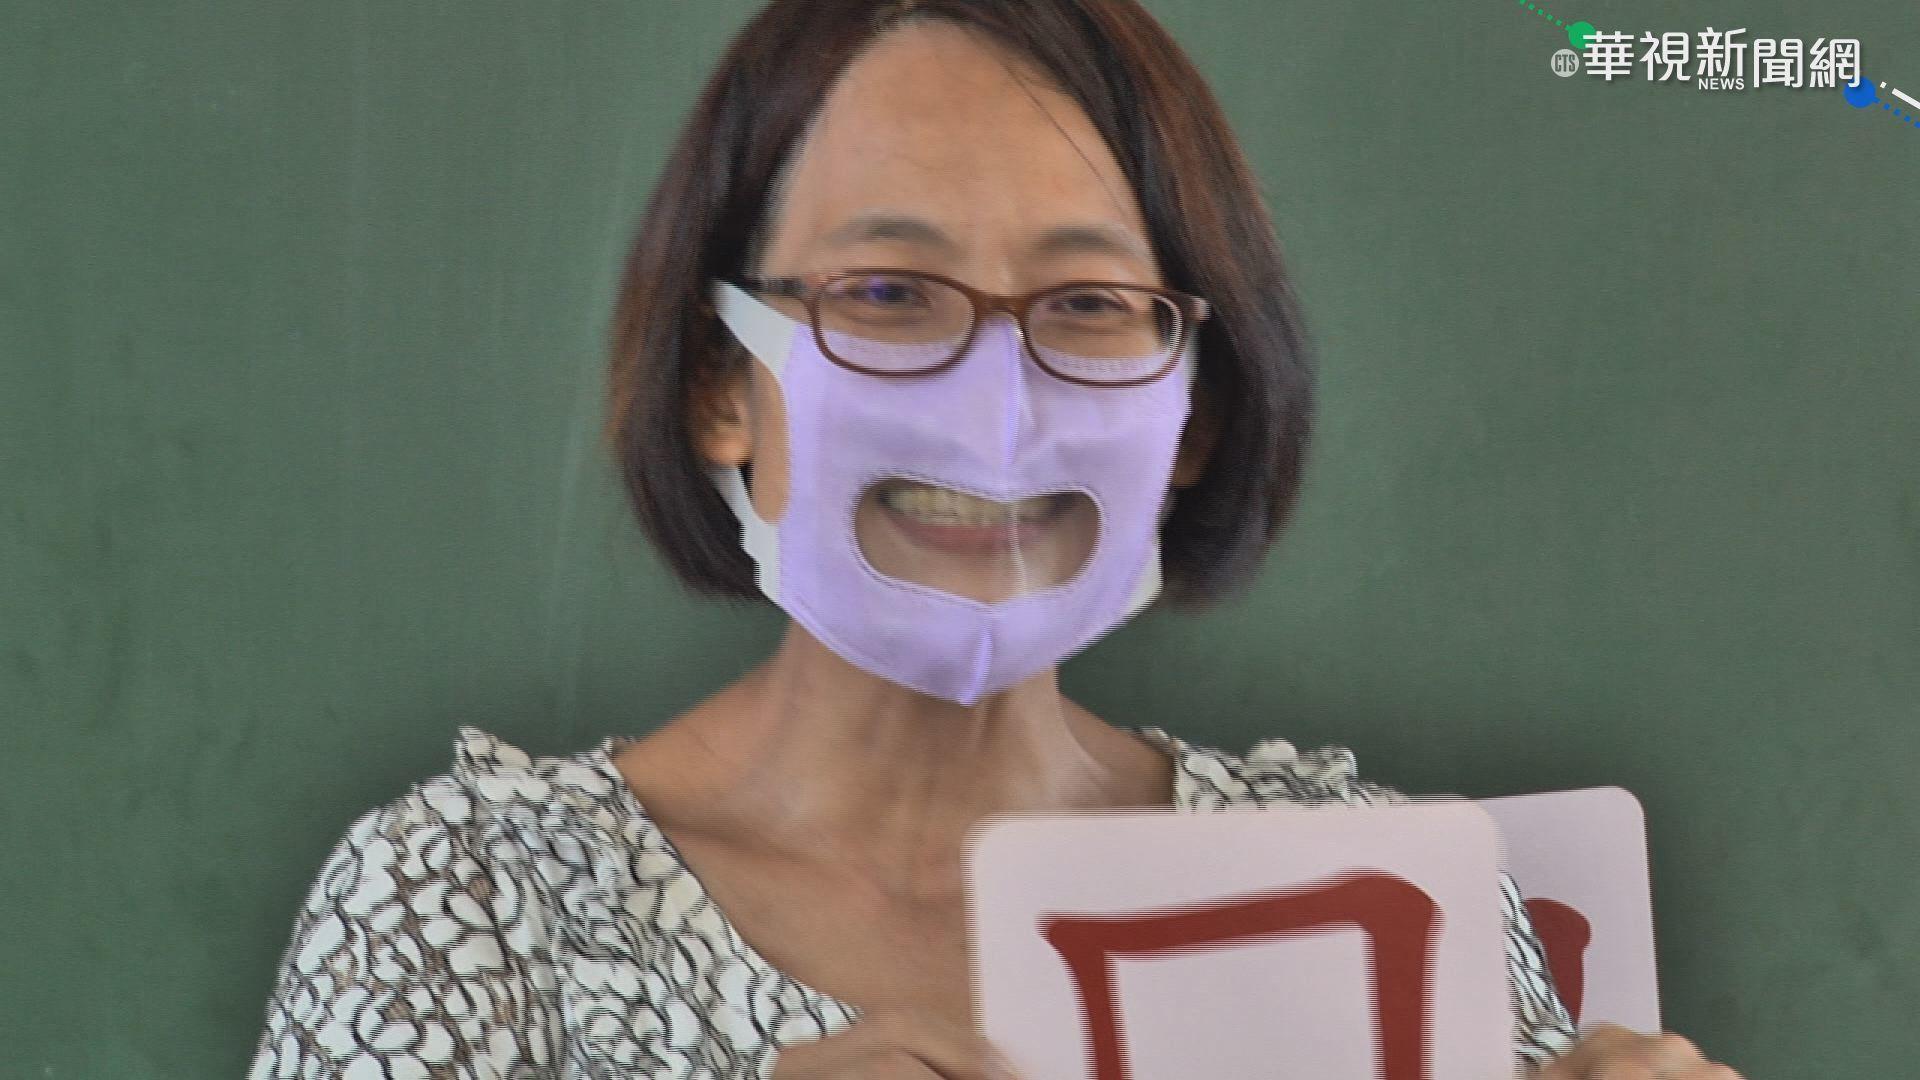 師戴半透明口罩 助小一生辨發音嘴型